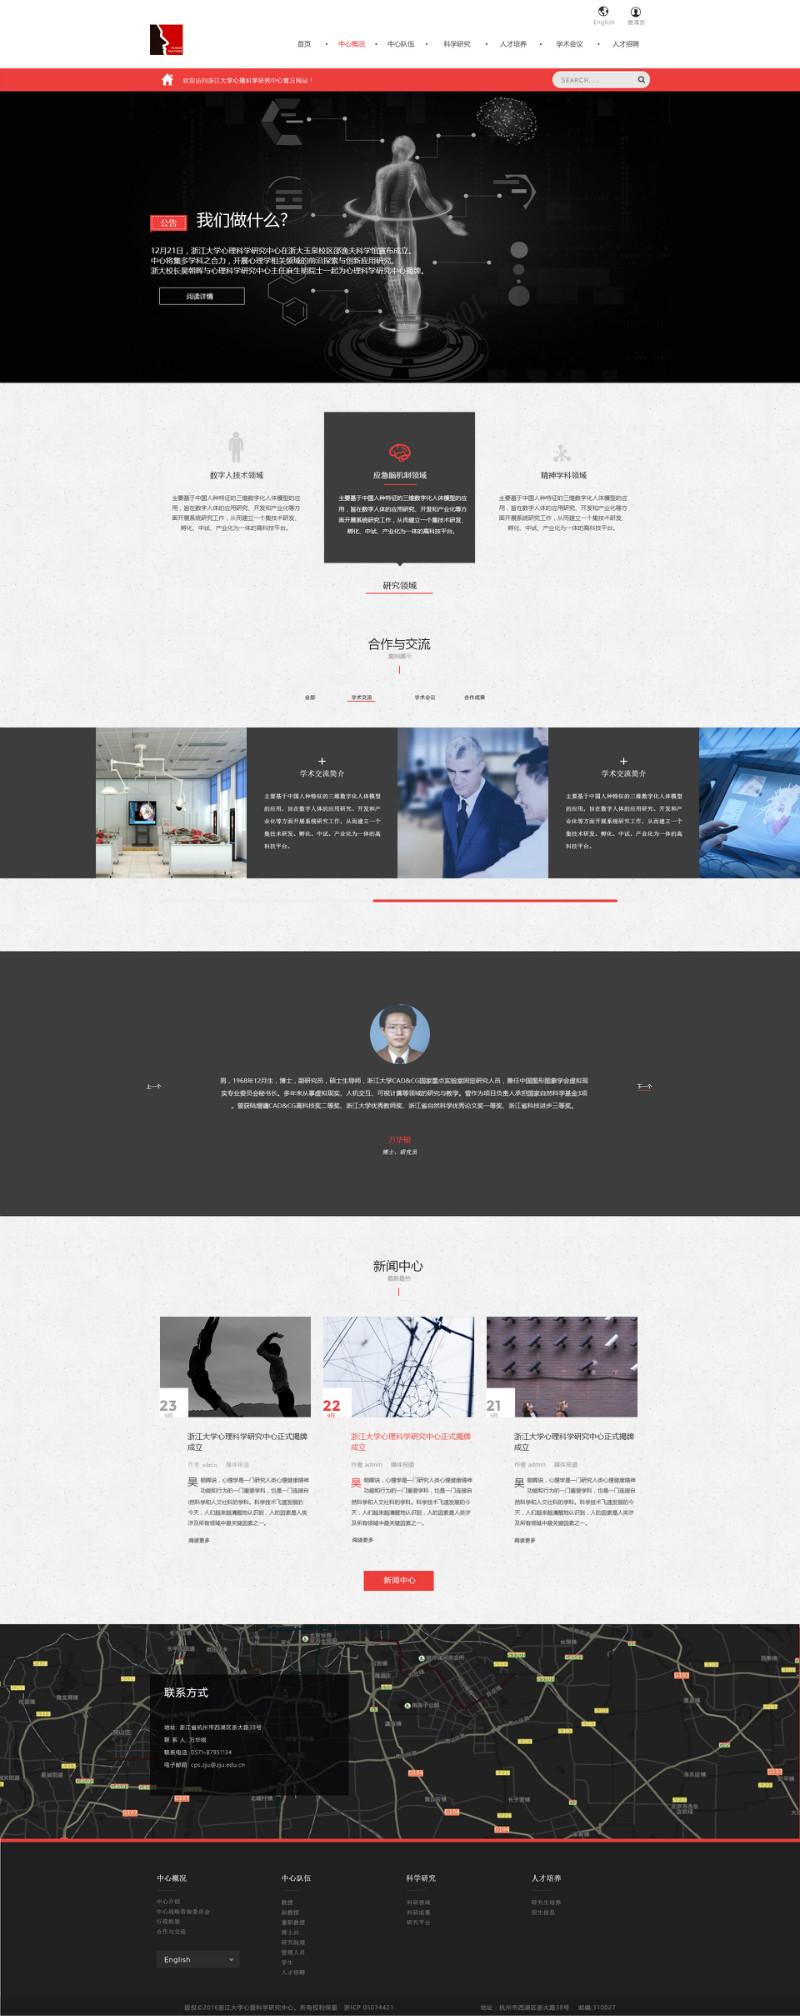 浙江大学心理科学研究中心-杭州盘网网站建设作品